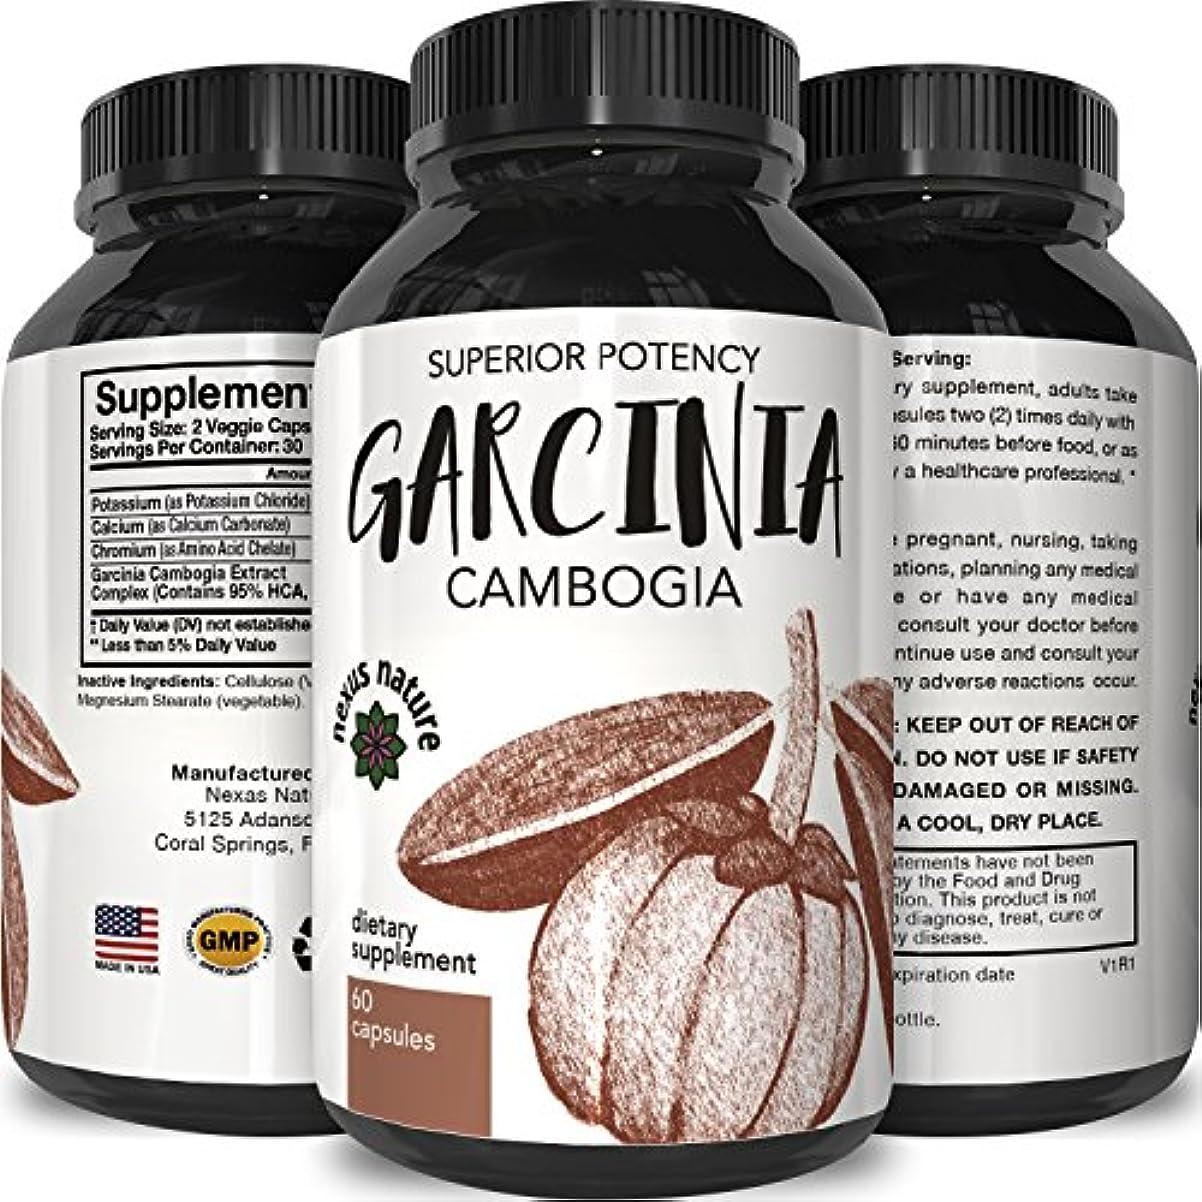 置換奪う鎮痛剤Nature's Design Garcinia Cambogia 60 caps CONTAINS 95% HCA